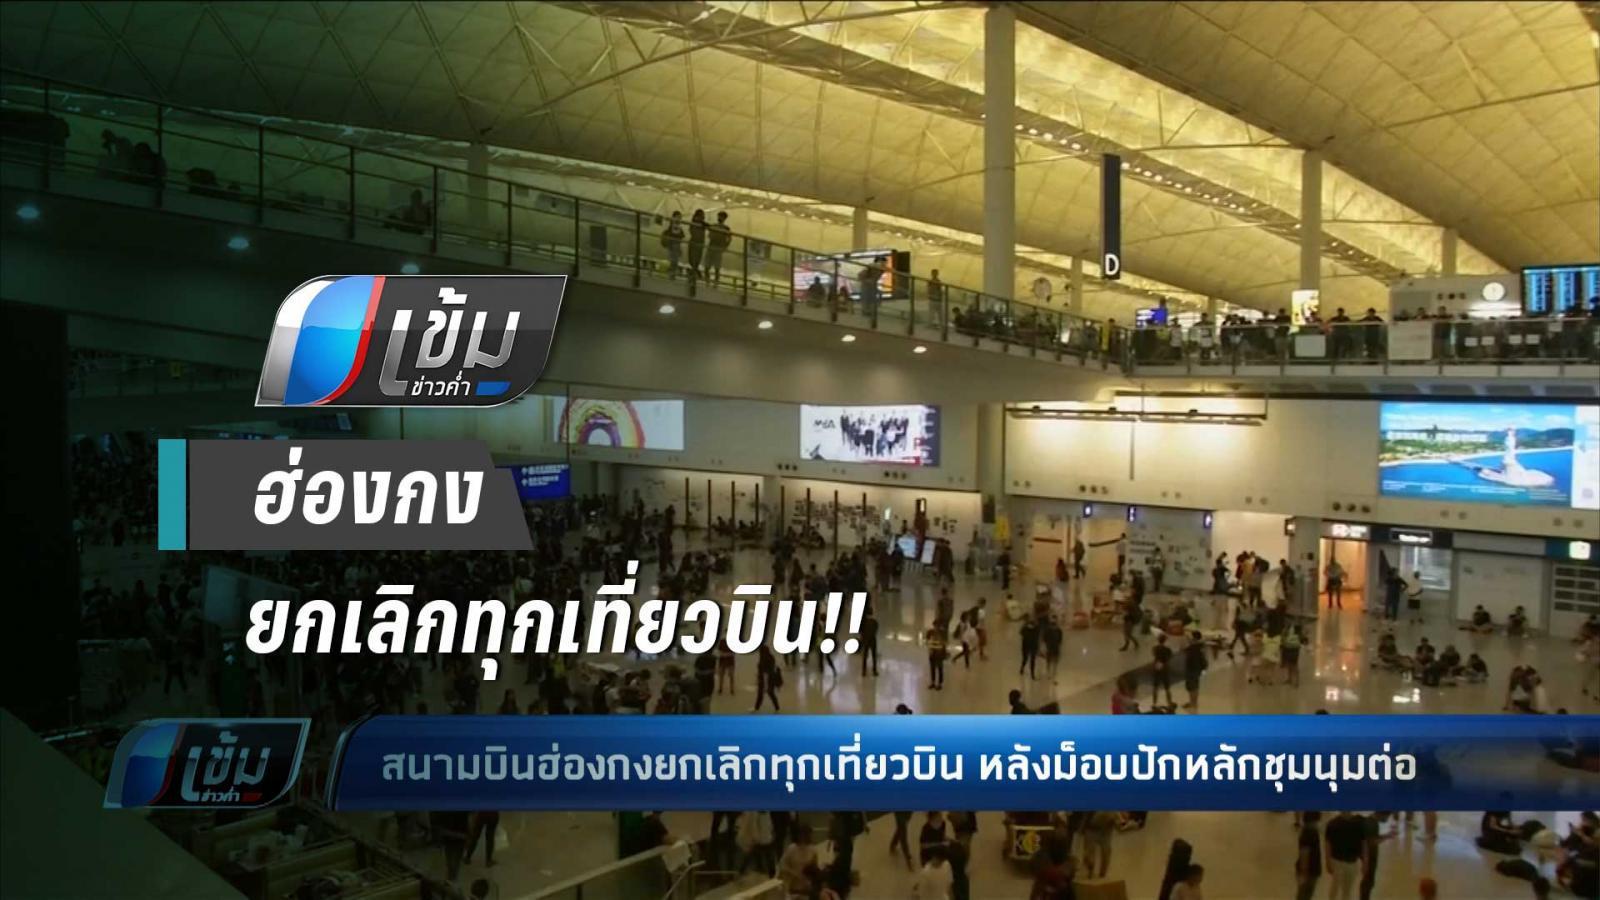 ฮ่องกง ยกเลิกทุกเที่ยวบิน!!